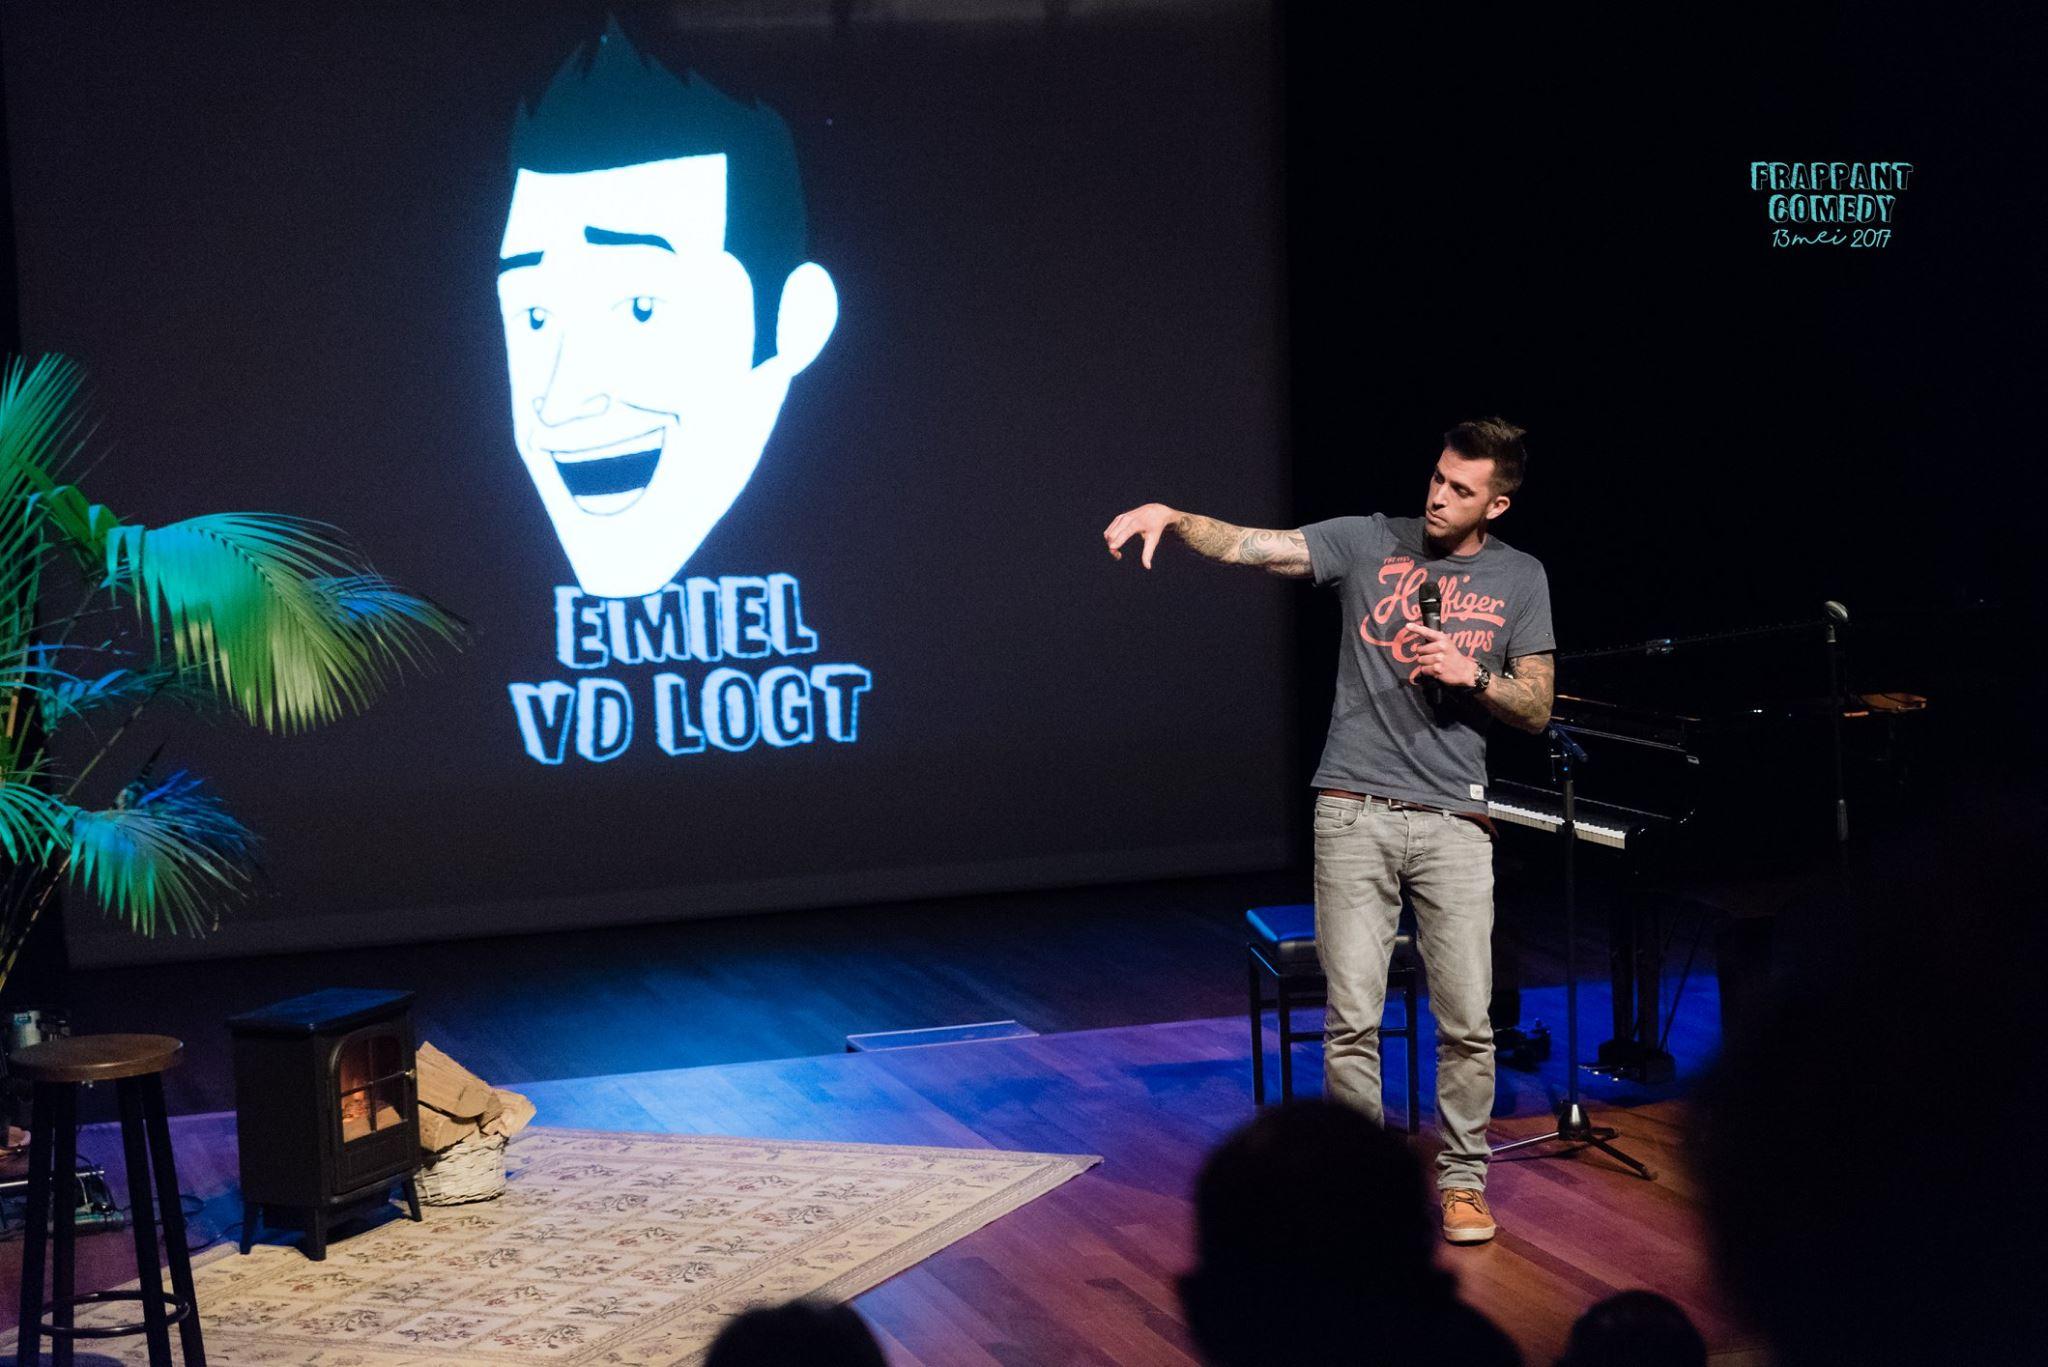 Emiel van der Logt